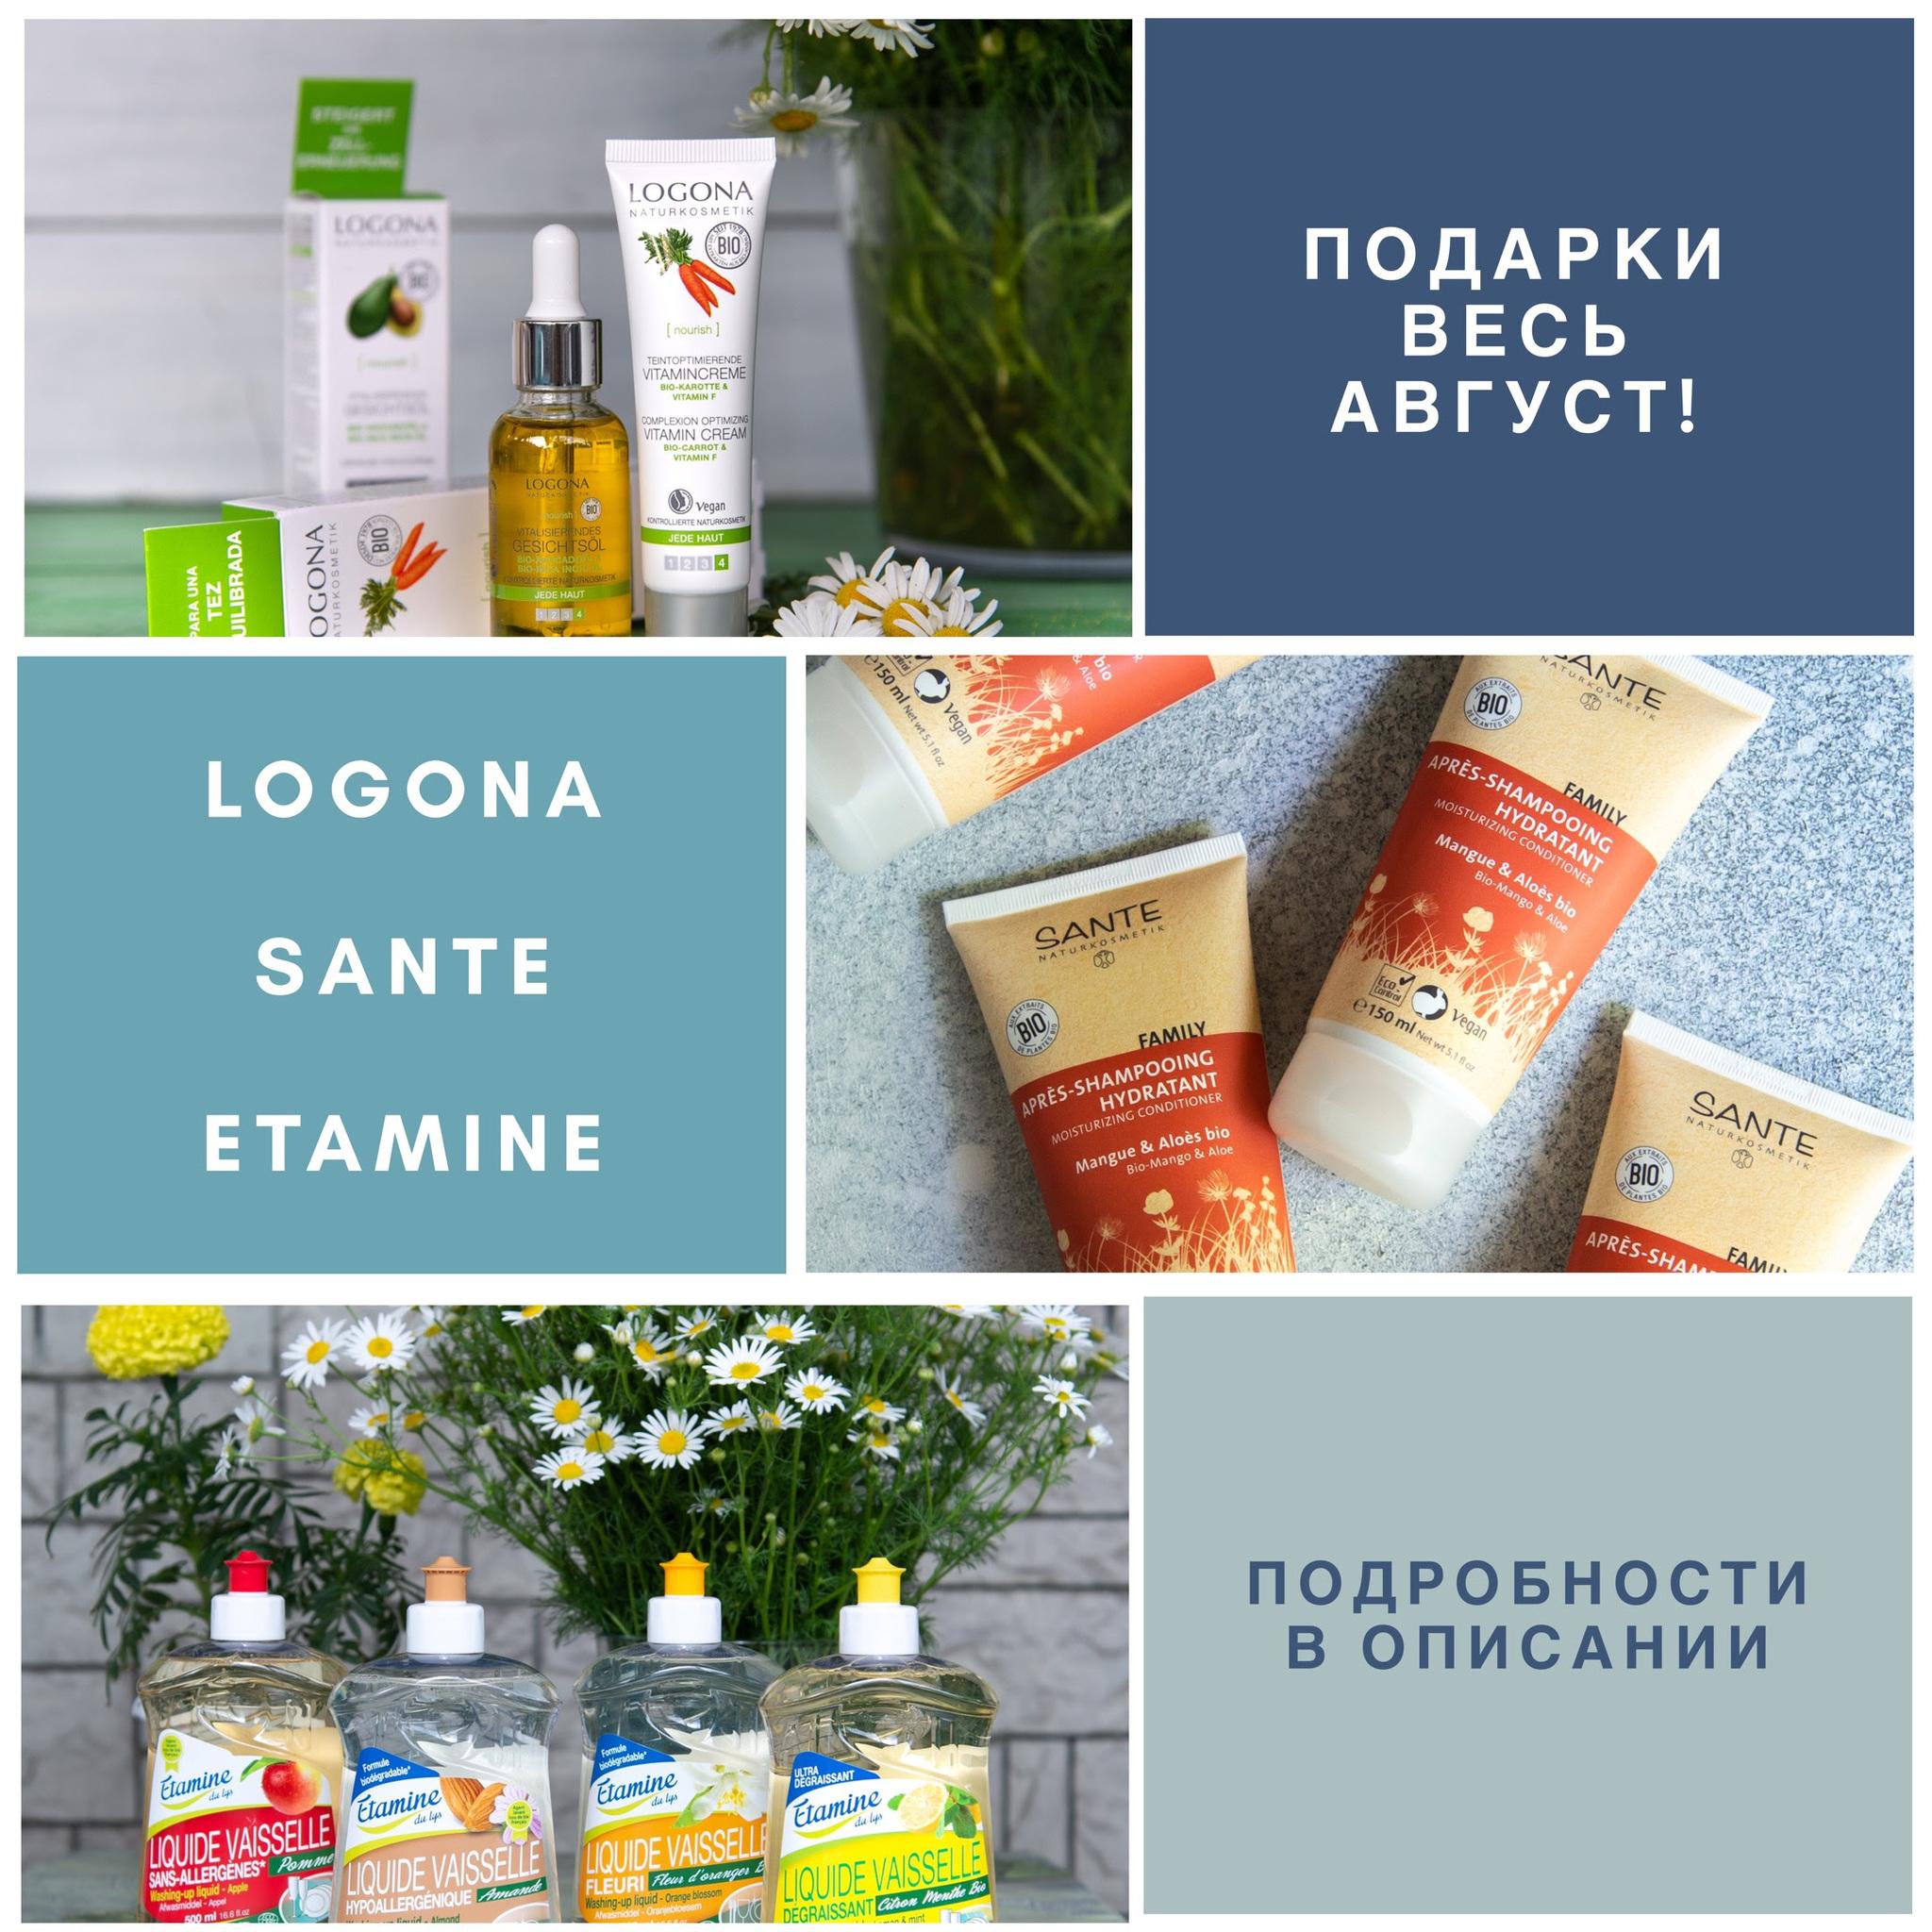 Подарки при покупке брендов Logona, Sante, Neobio, Etamine Du Lys